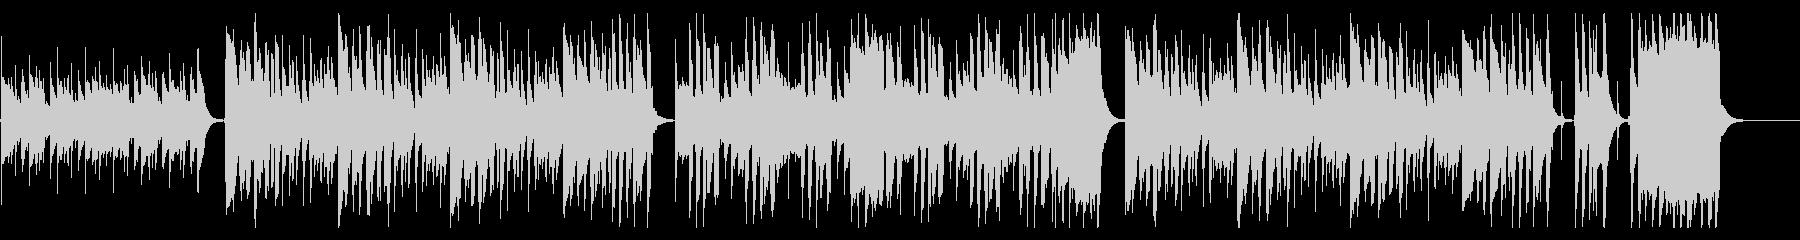 ほのぼの軽快なウクレレ・トイピアノ鍵ハモの未再生の波形